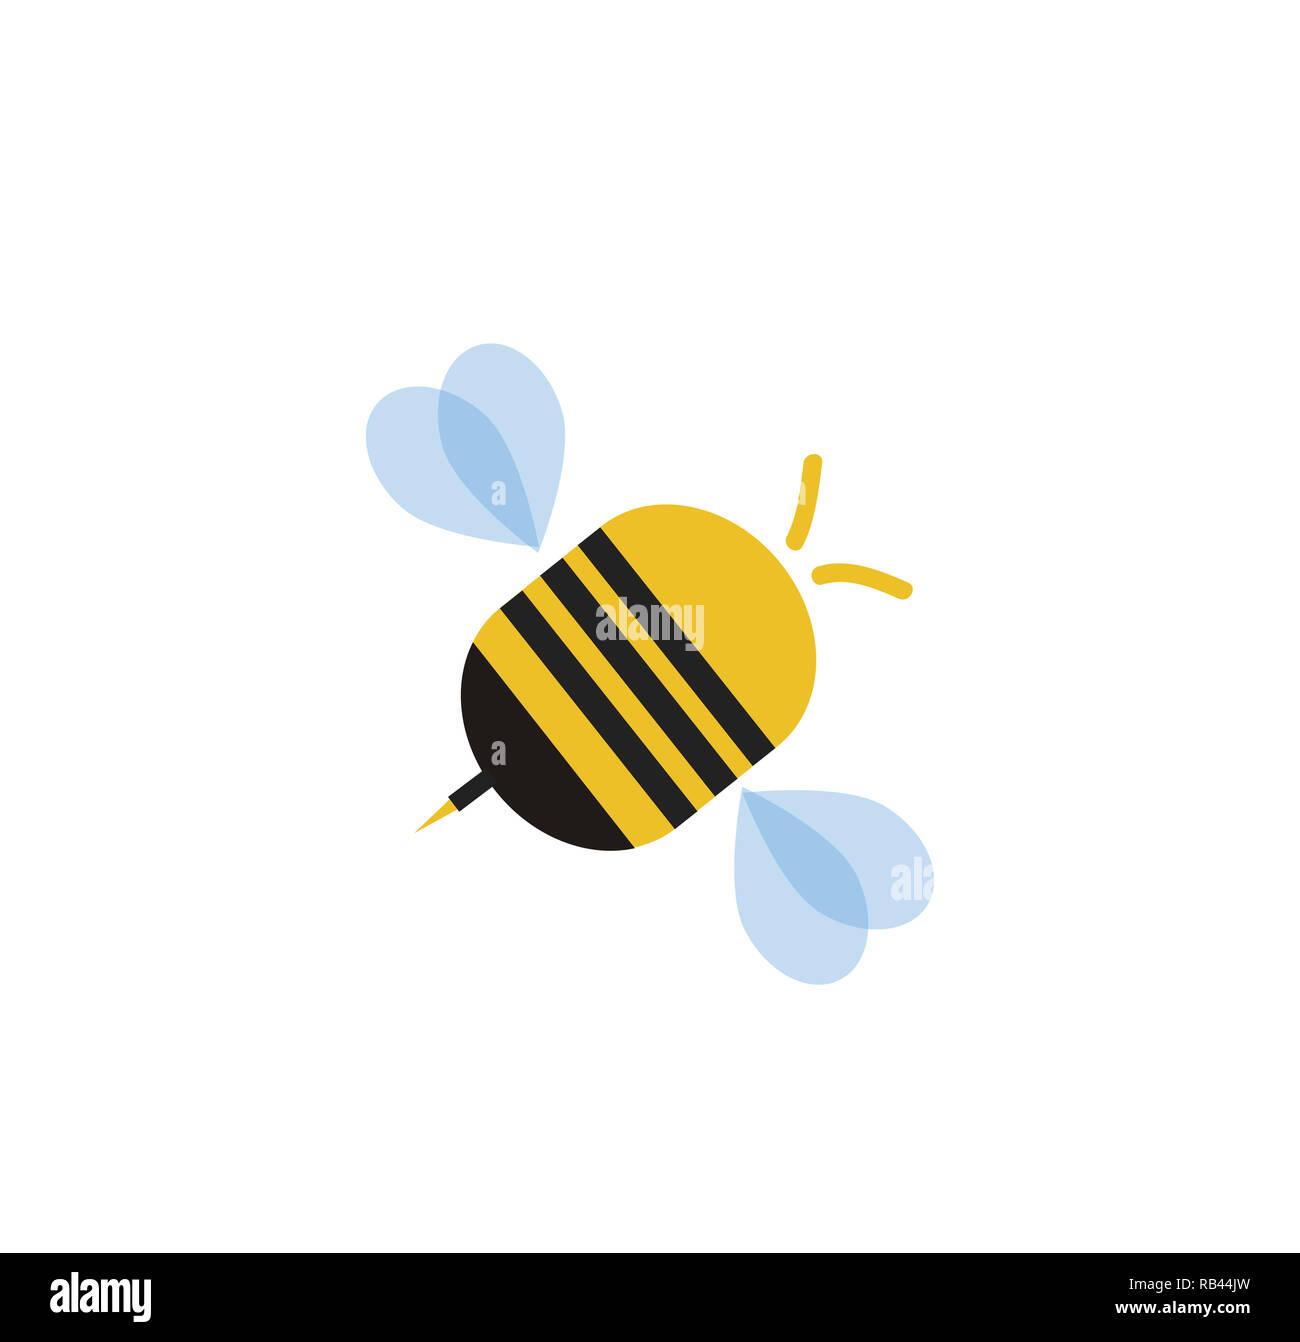 Flying cartoon Biene auf weißem Hintergrund. Illustration Clipart, Logo, Symbol für Grafikdesign, Grußkarte. Stockbild